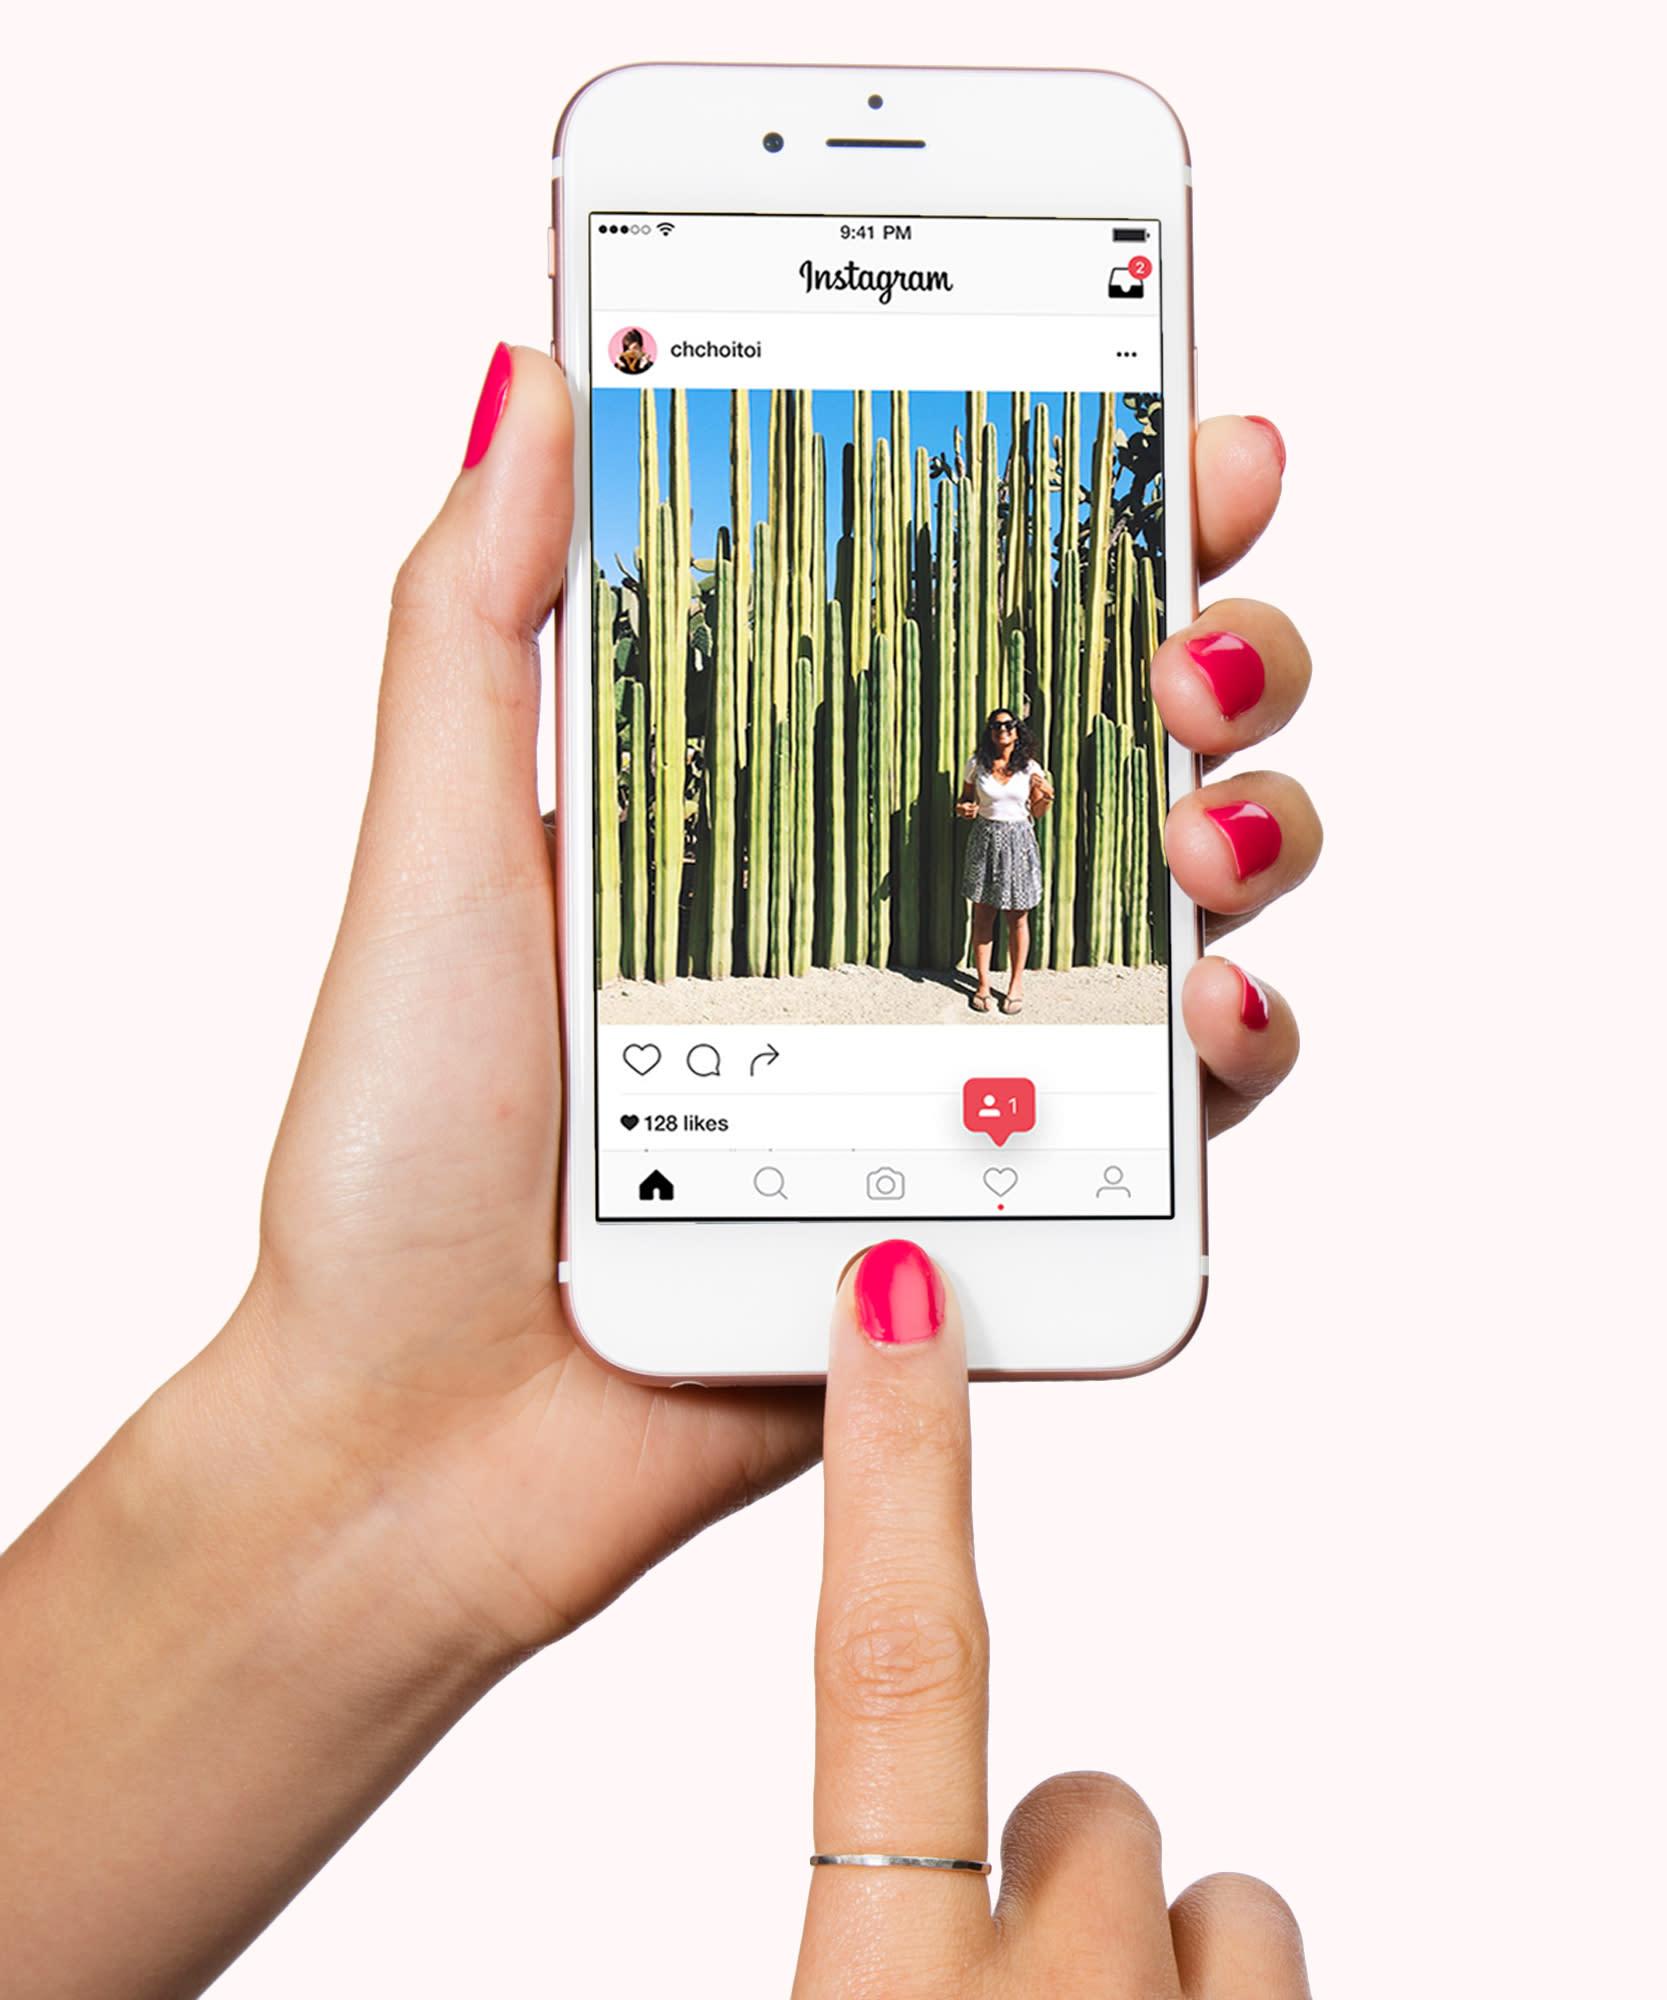 как загружать фотографии в инстаграм со смартфона успеешь